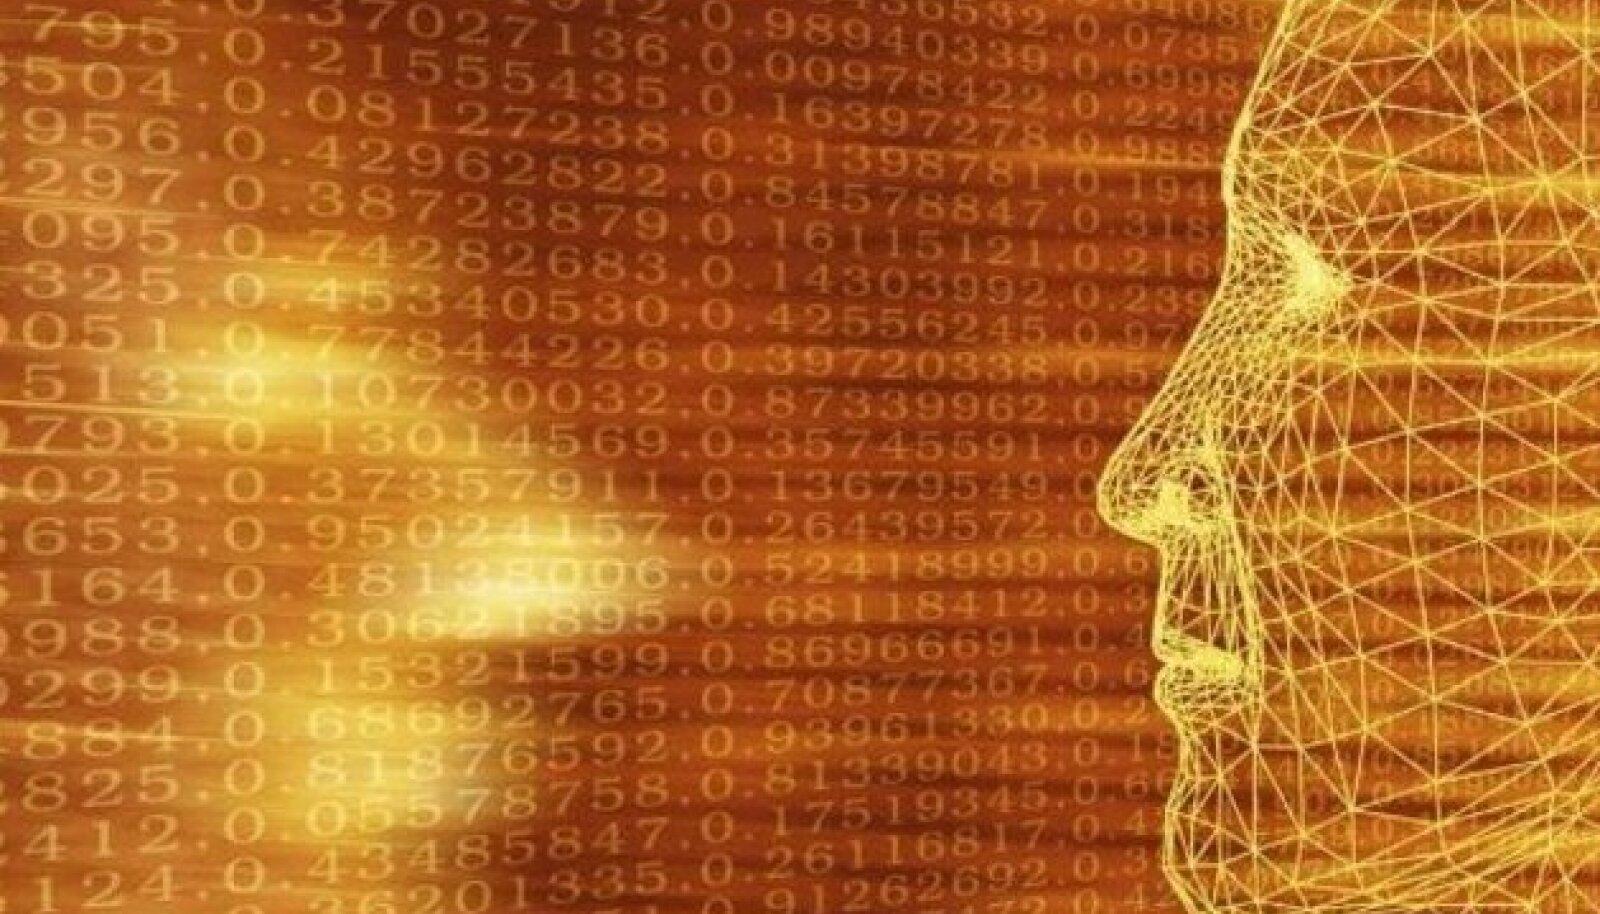 Loomingulised arvutid võivad saada reaalsuseks Autor/allikas: cns4fn.org